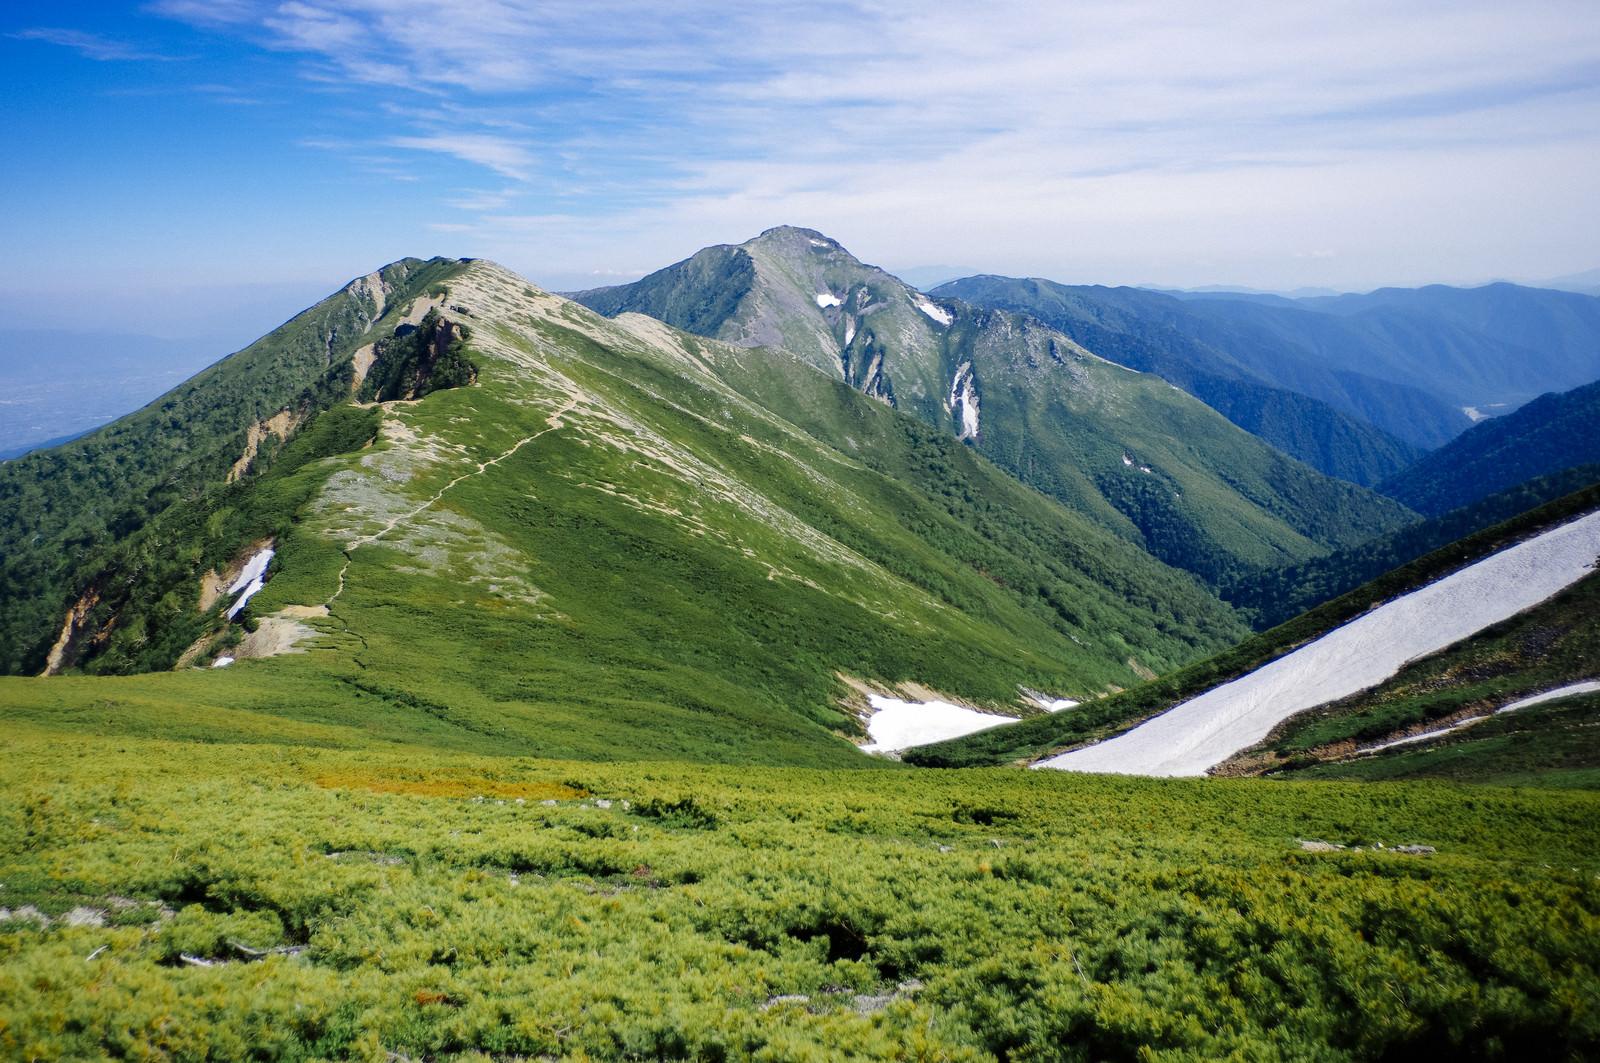 「表銀座登山道から眺める常念岳方面」の写真